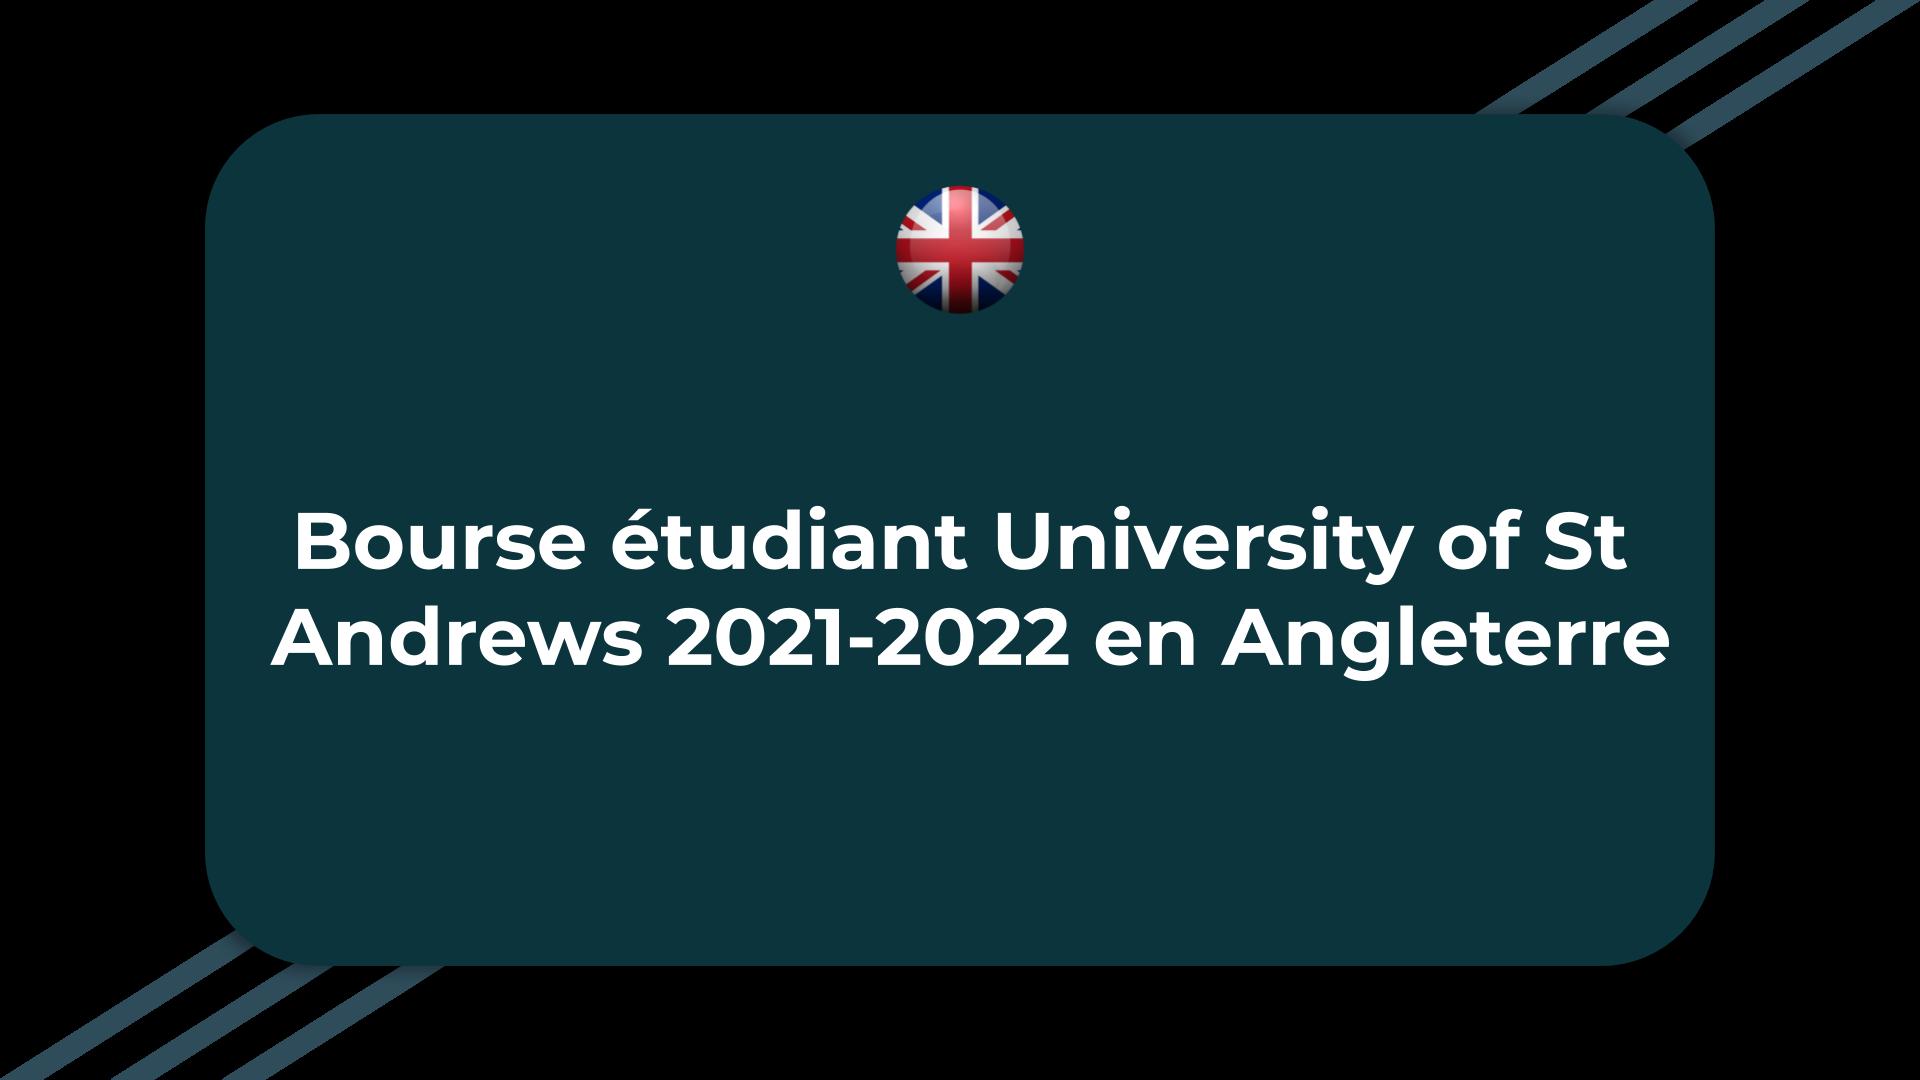 Bourse étudiant University of St Andrews